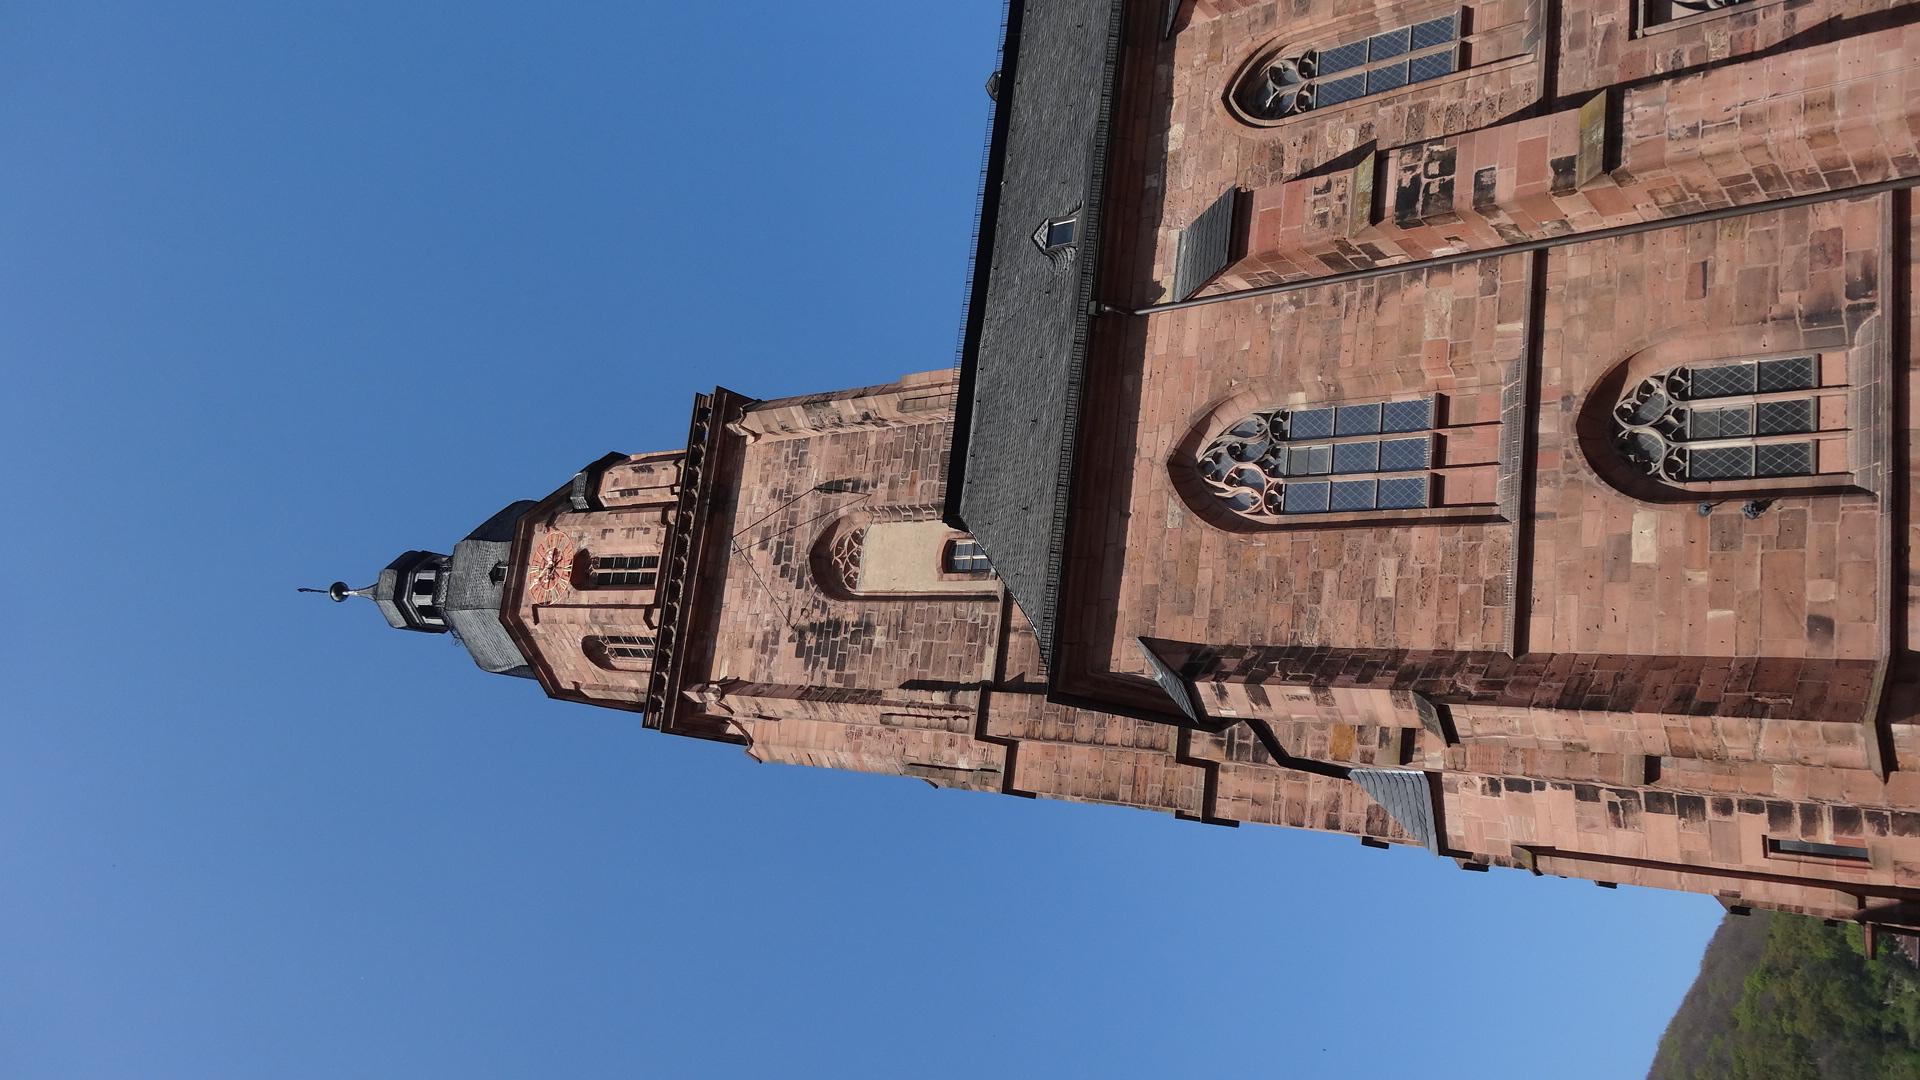 Turm der Heiliggeistkirche